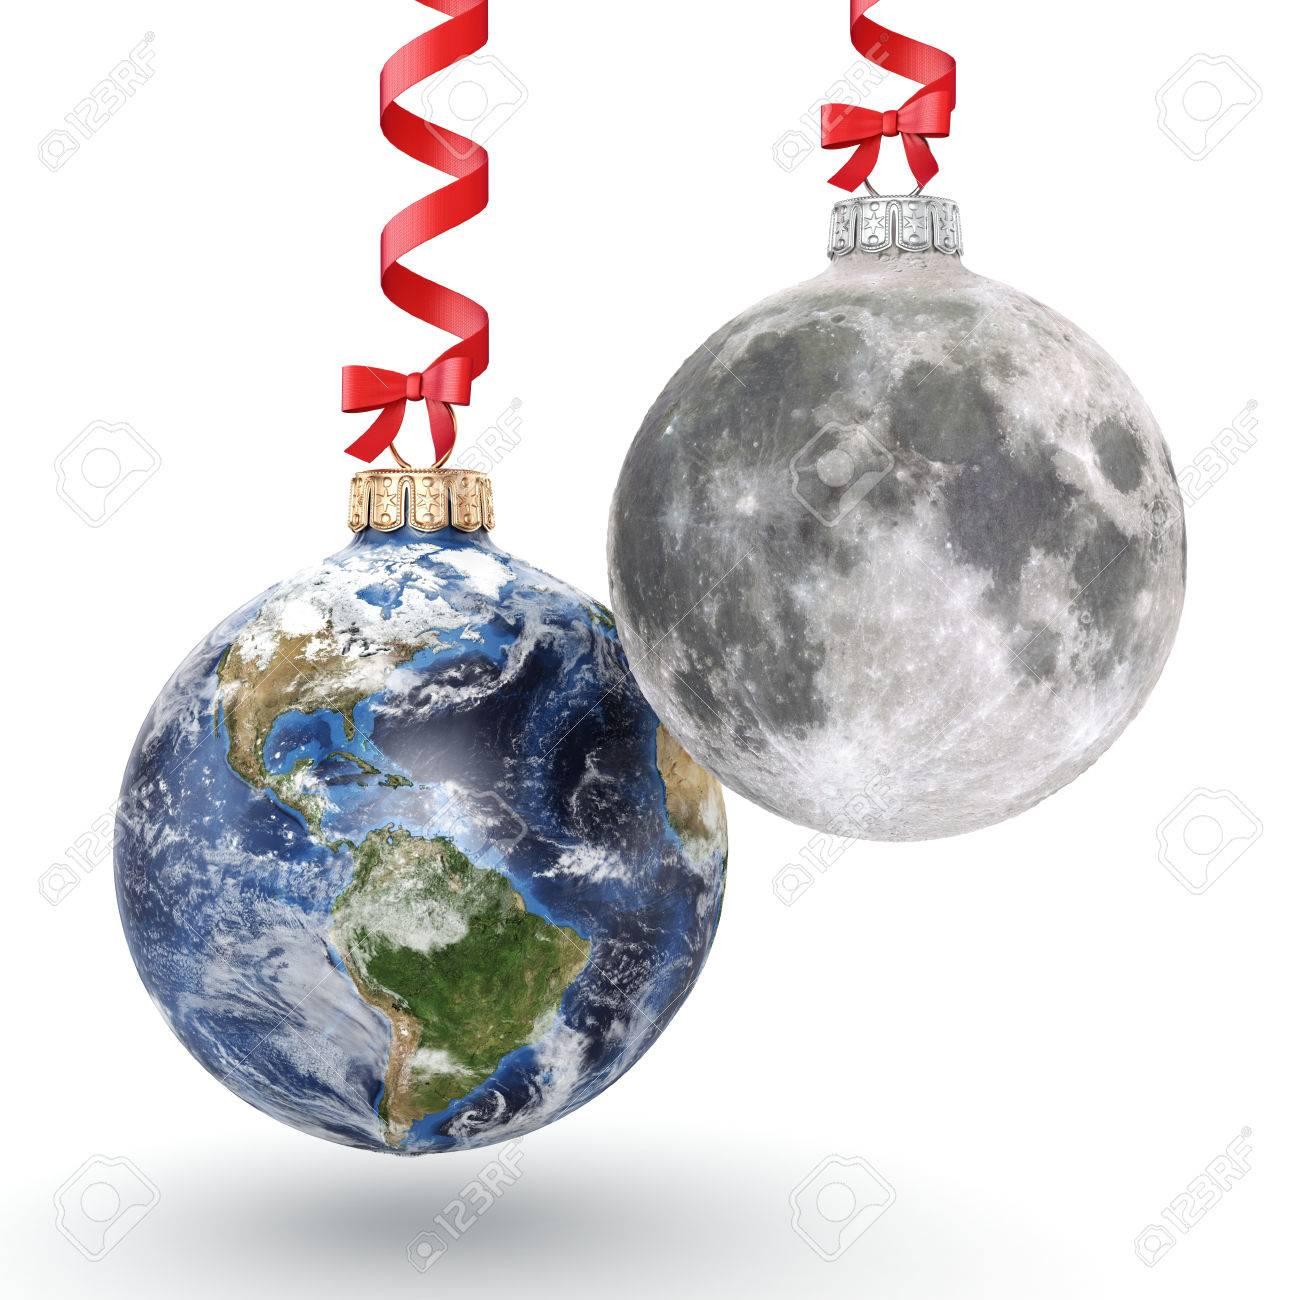 Boule De Noel De Rendu 3d Sous La Forme De La Planete Terre Et La Lune Sur Un Fond Blanc Donnees De La Nasa Utilisees Banque D Images Et Photos Libres De Droits